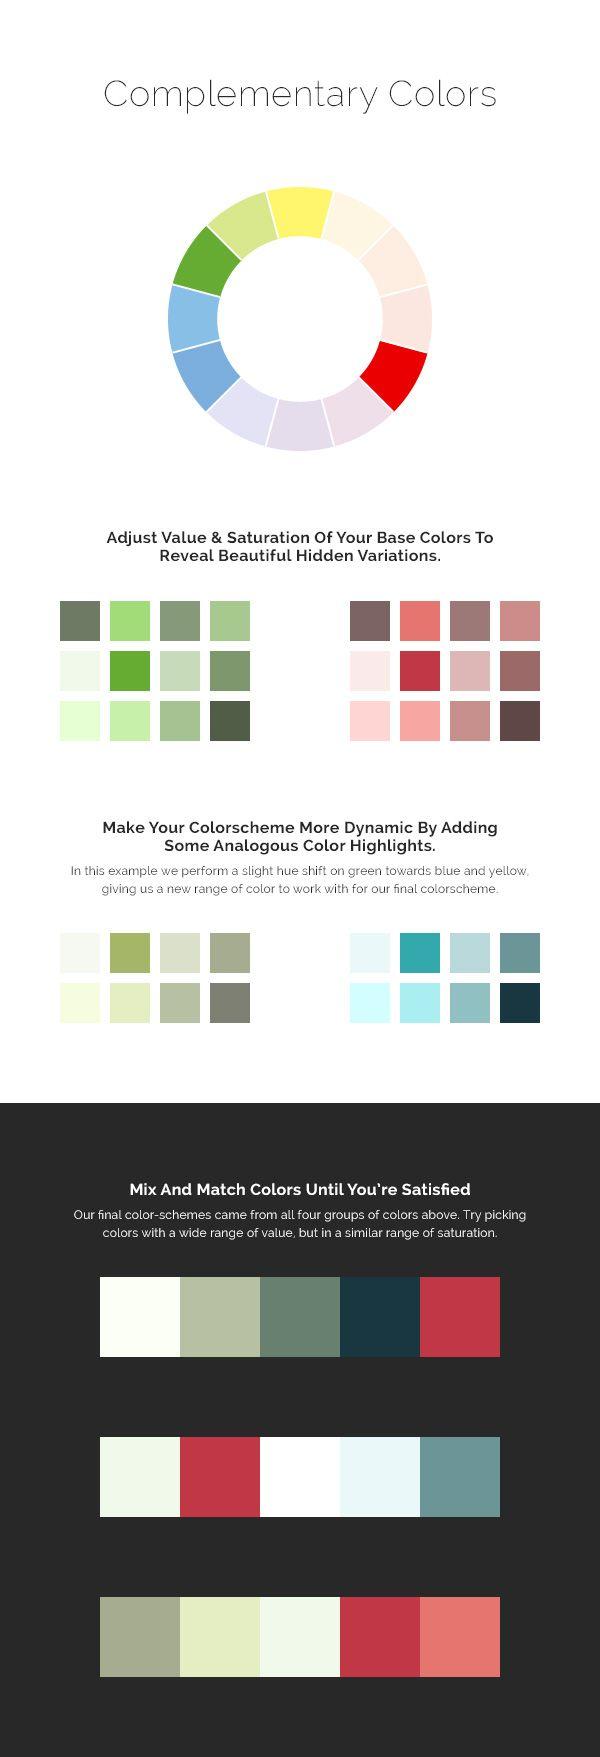 Colors web design psychology - Colors Web Design Psychology 55